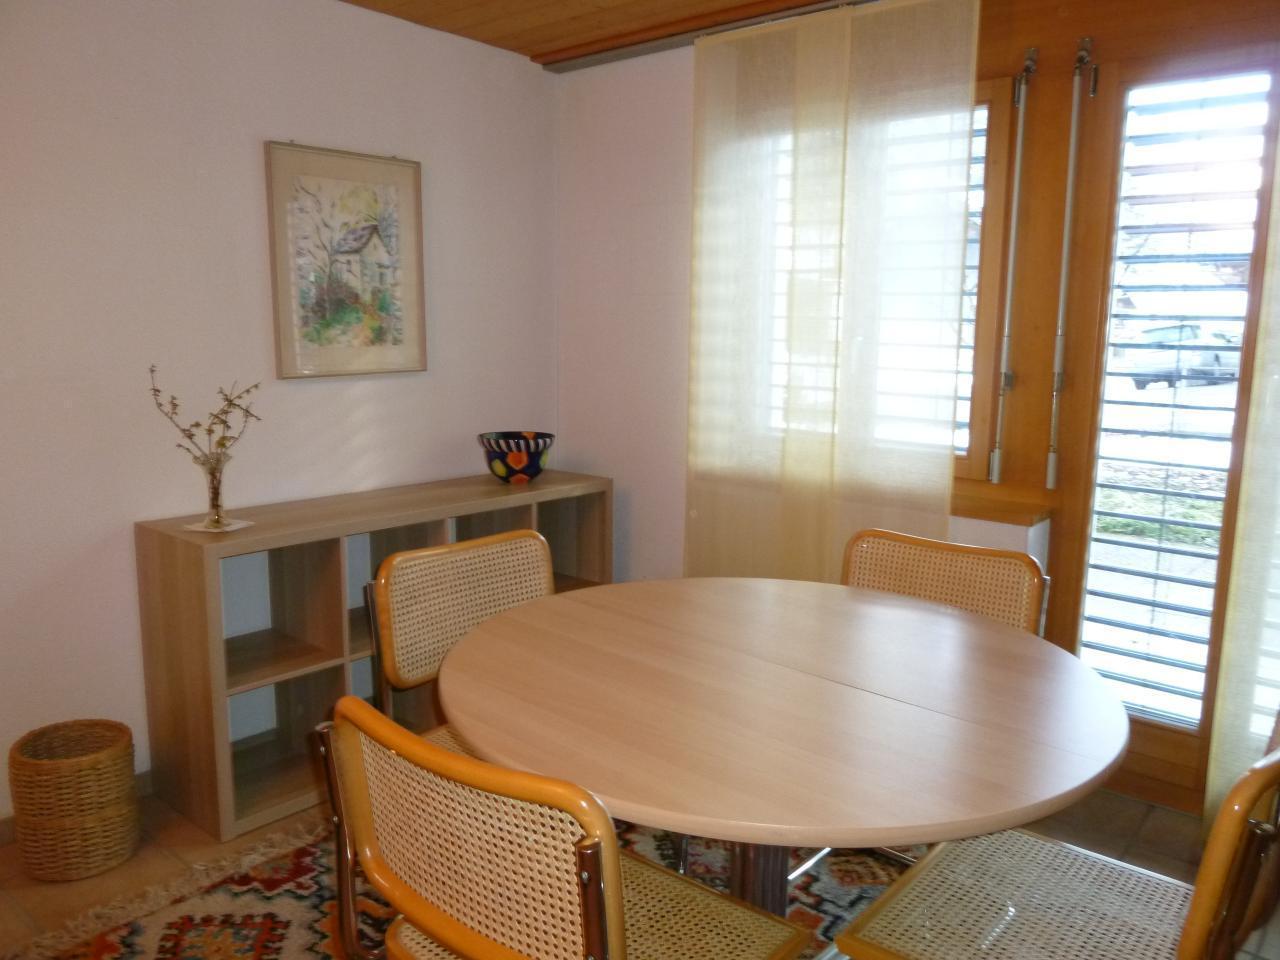 Appartement de vacances 2-Zimmer Wohnung im Ferienparadies Kandertal (2385249), Kandergrund, Adelboden - Frutigen - Kandersteg, Oberland bernois, Suisse, image 7